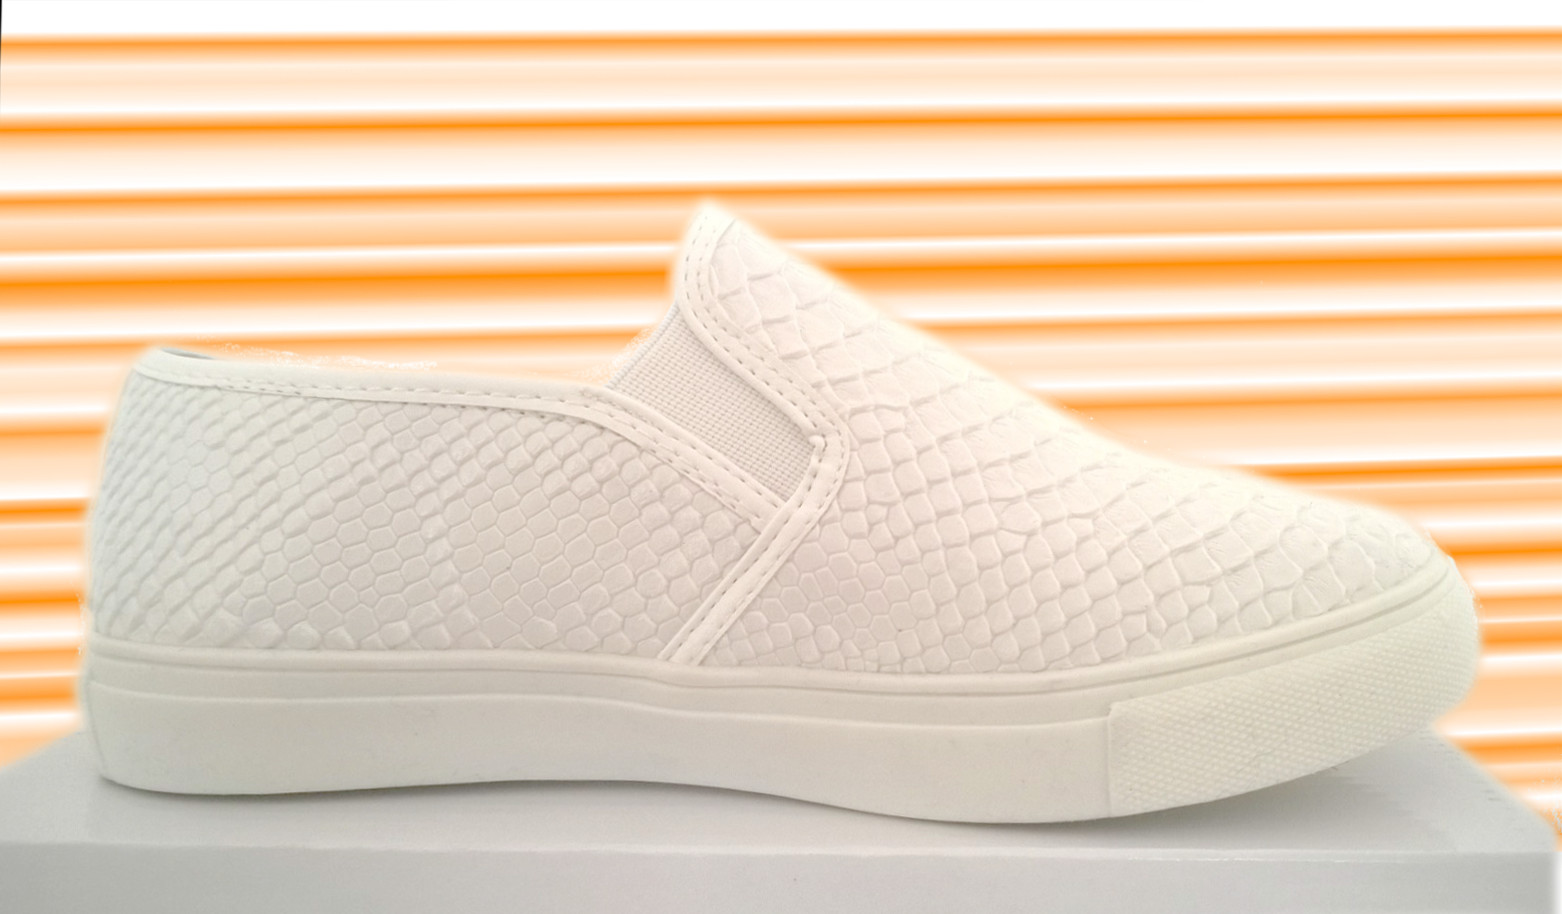 Chaussures originales et pas cher lavieenrouge - Chaussures originales pas cher ...